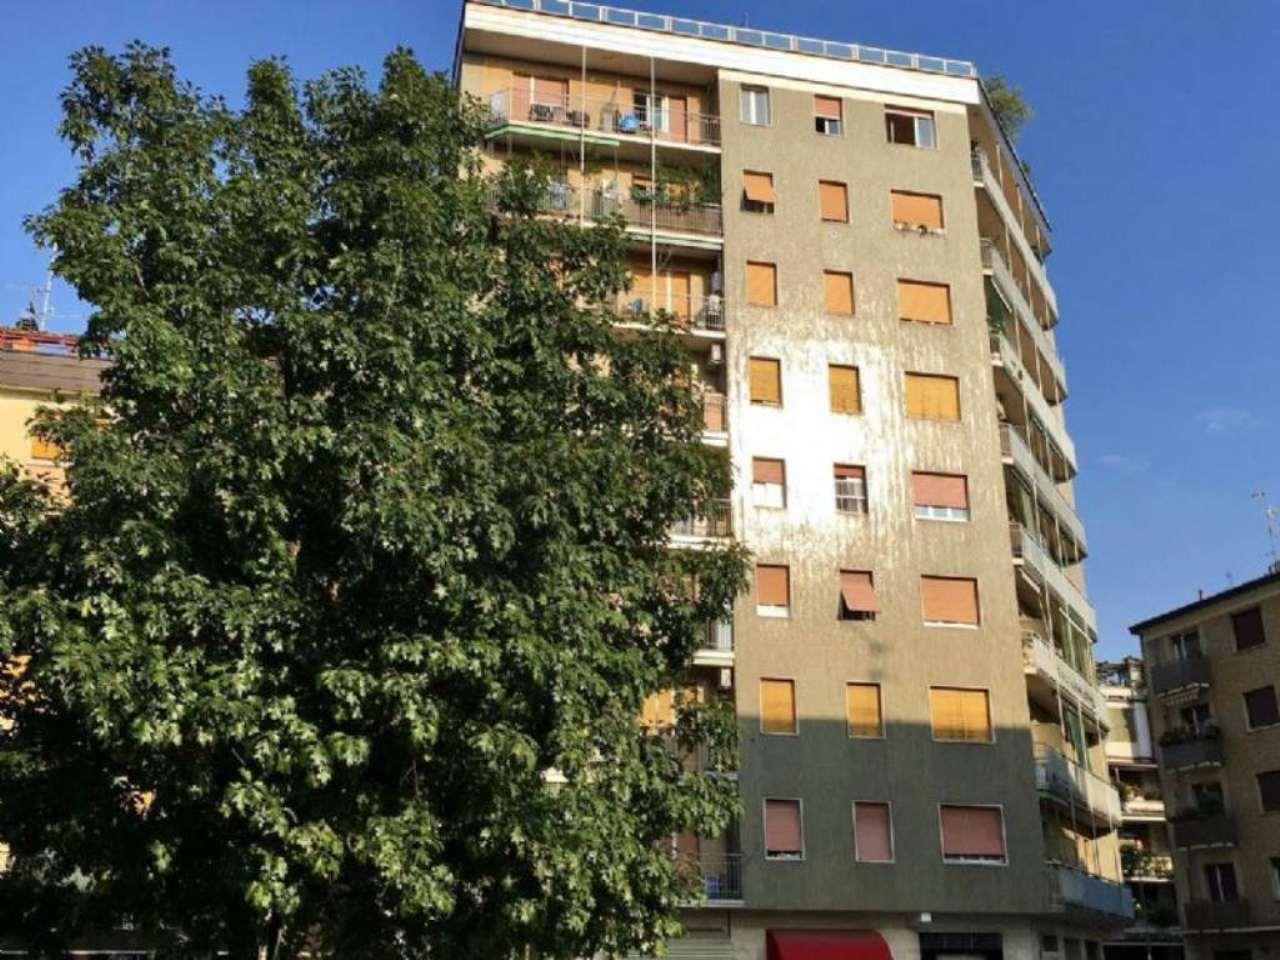 Appartamento in vendita a Bresso, 3 locali, prezzo € 143.000 | Cambio Casa.it